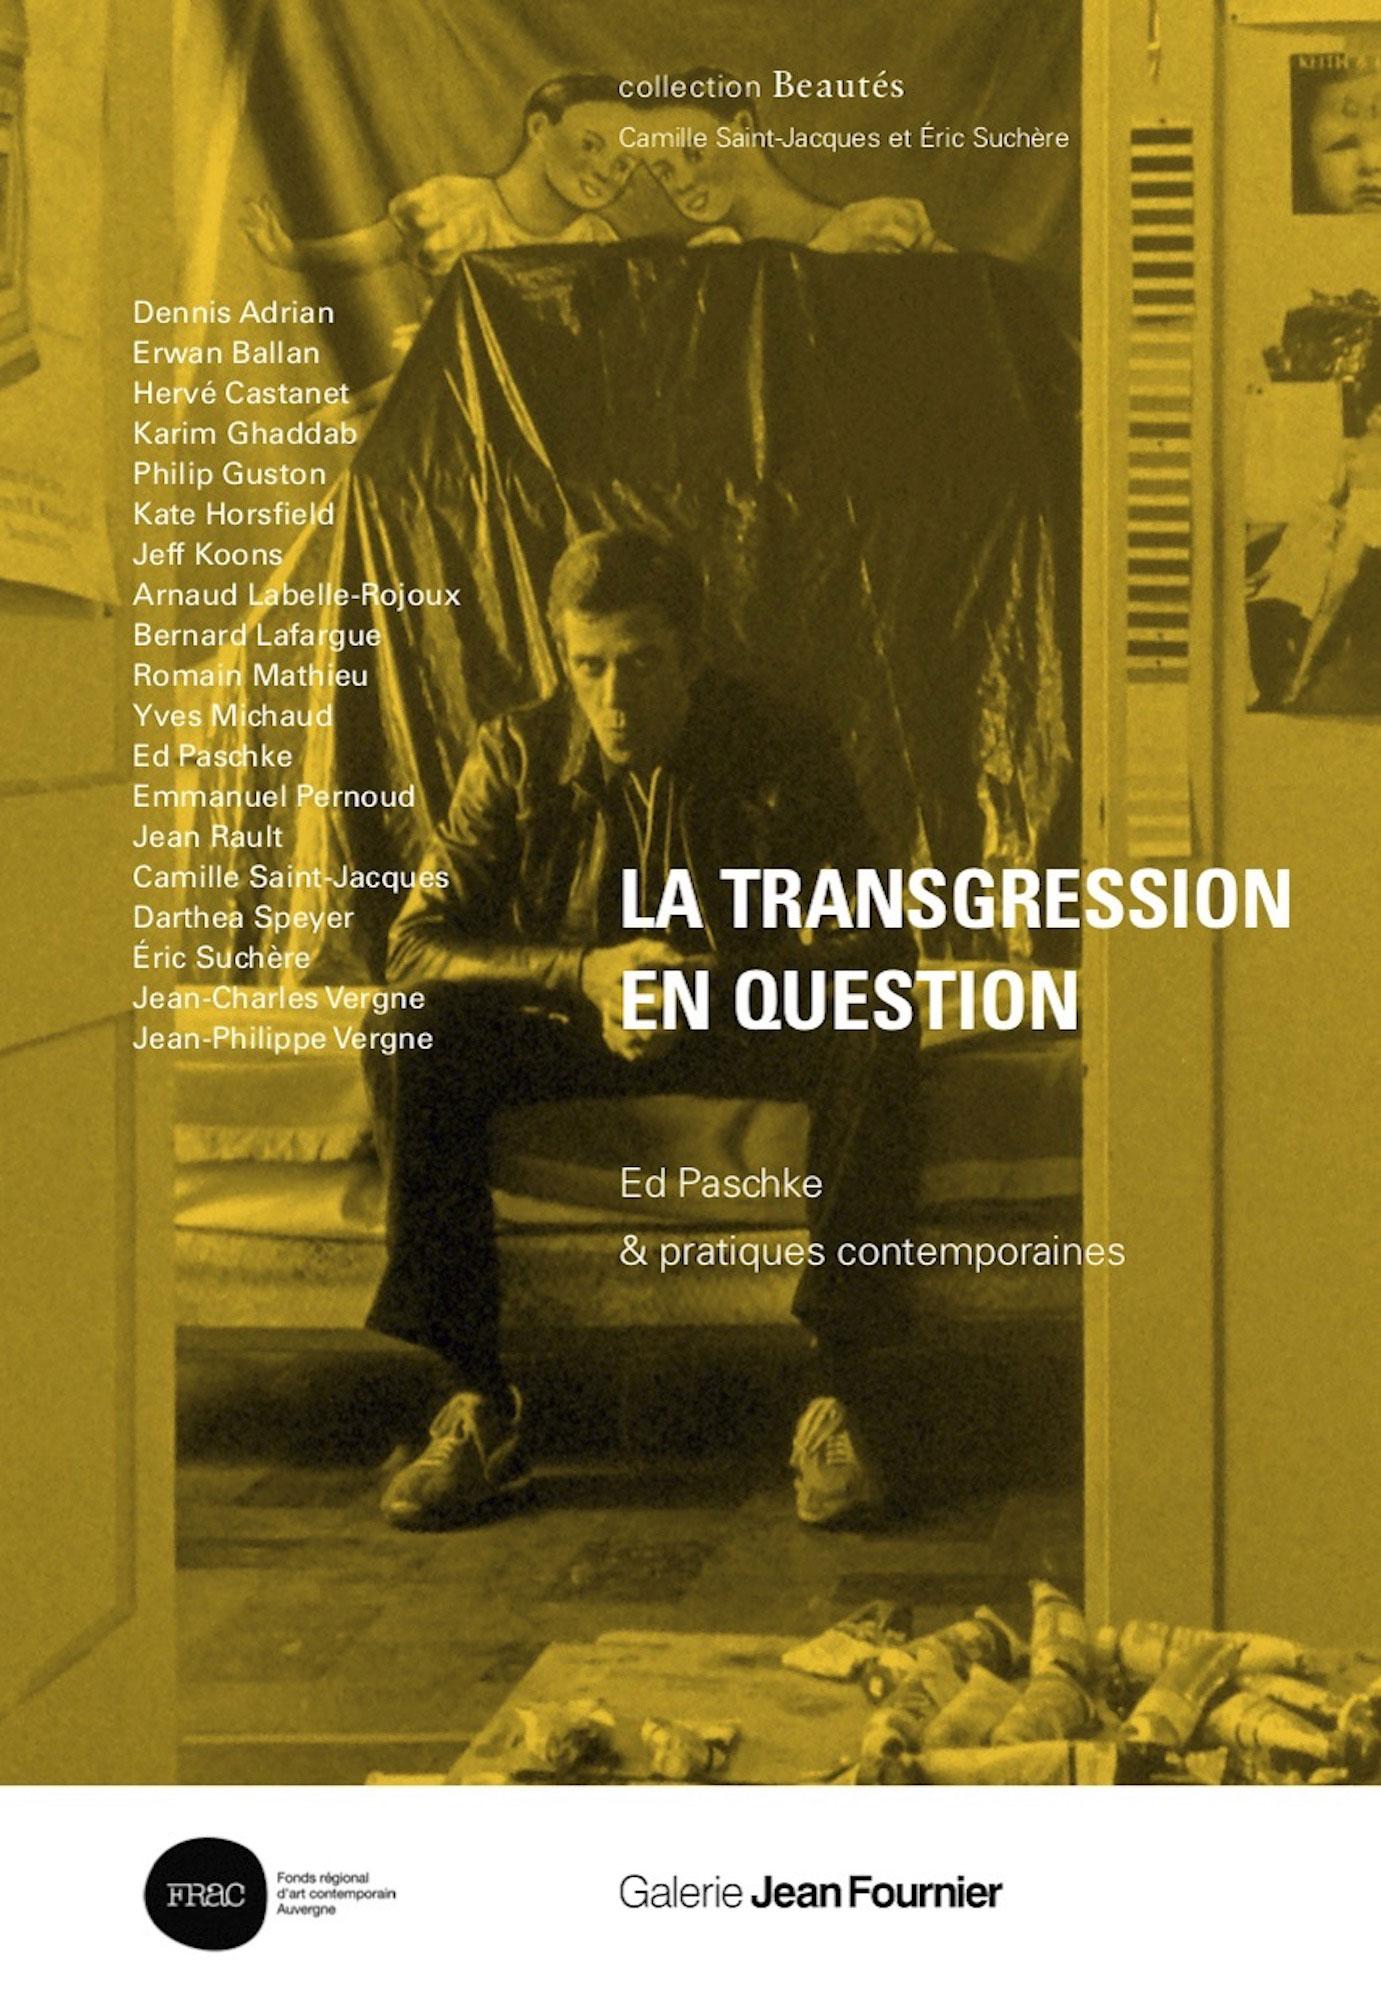 La Transgression en question, Ed Paschke &pratiques contemporaines